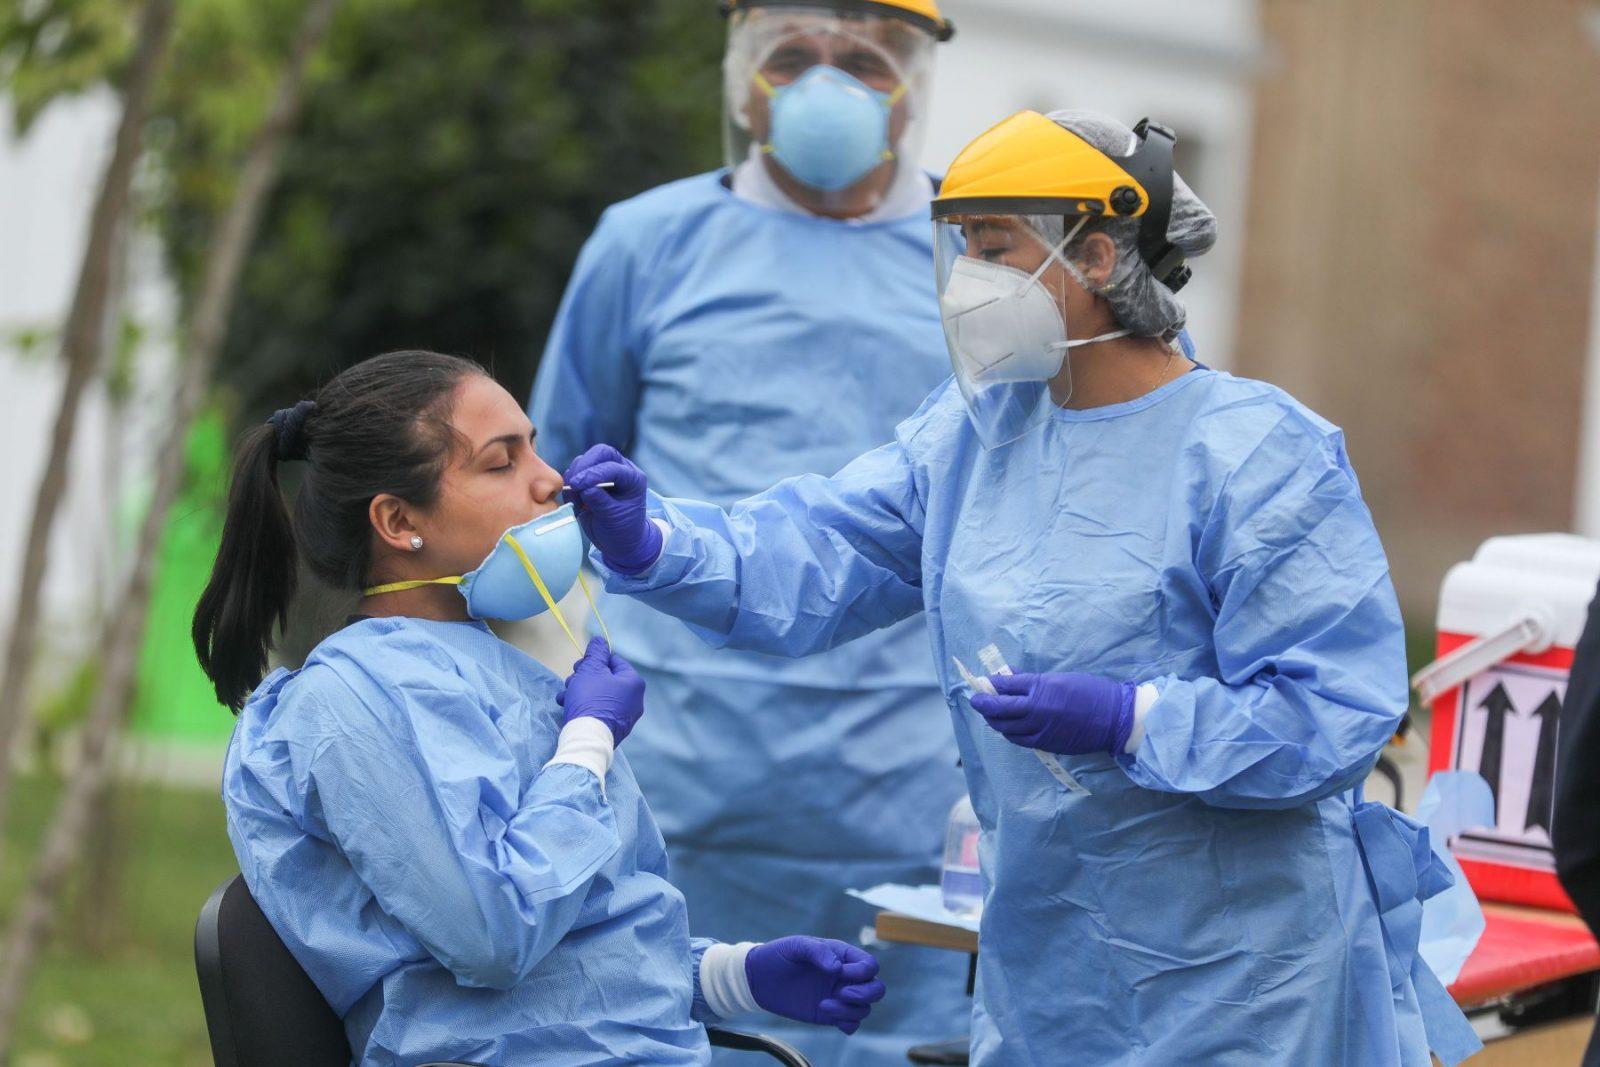 ¡Cuidado! en Junín se registra 4 nuevos casos de la variante mu